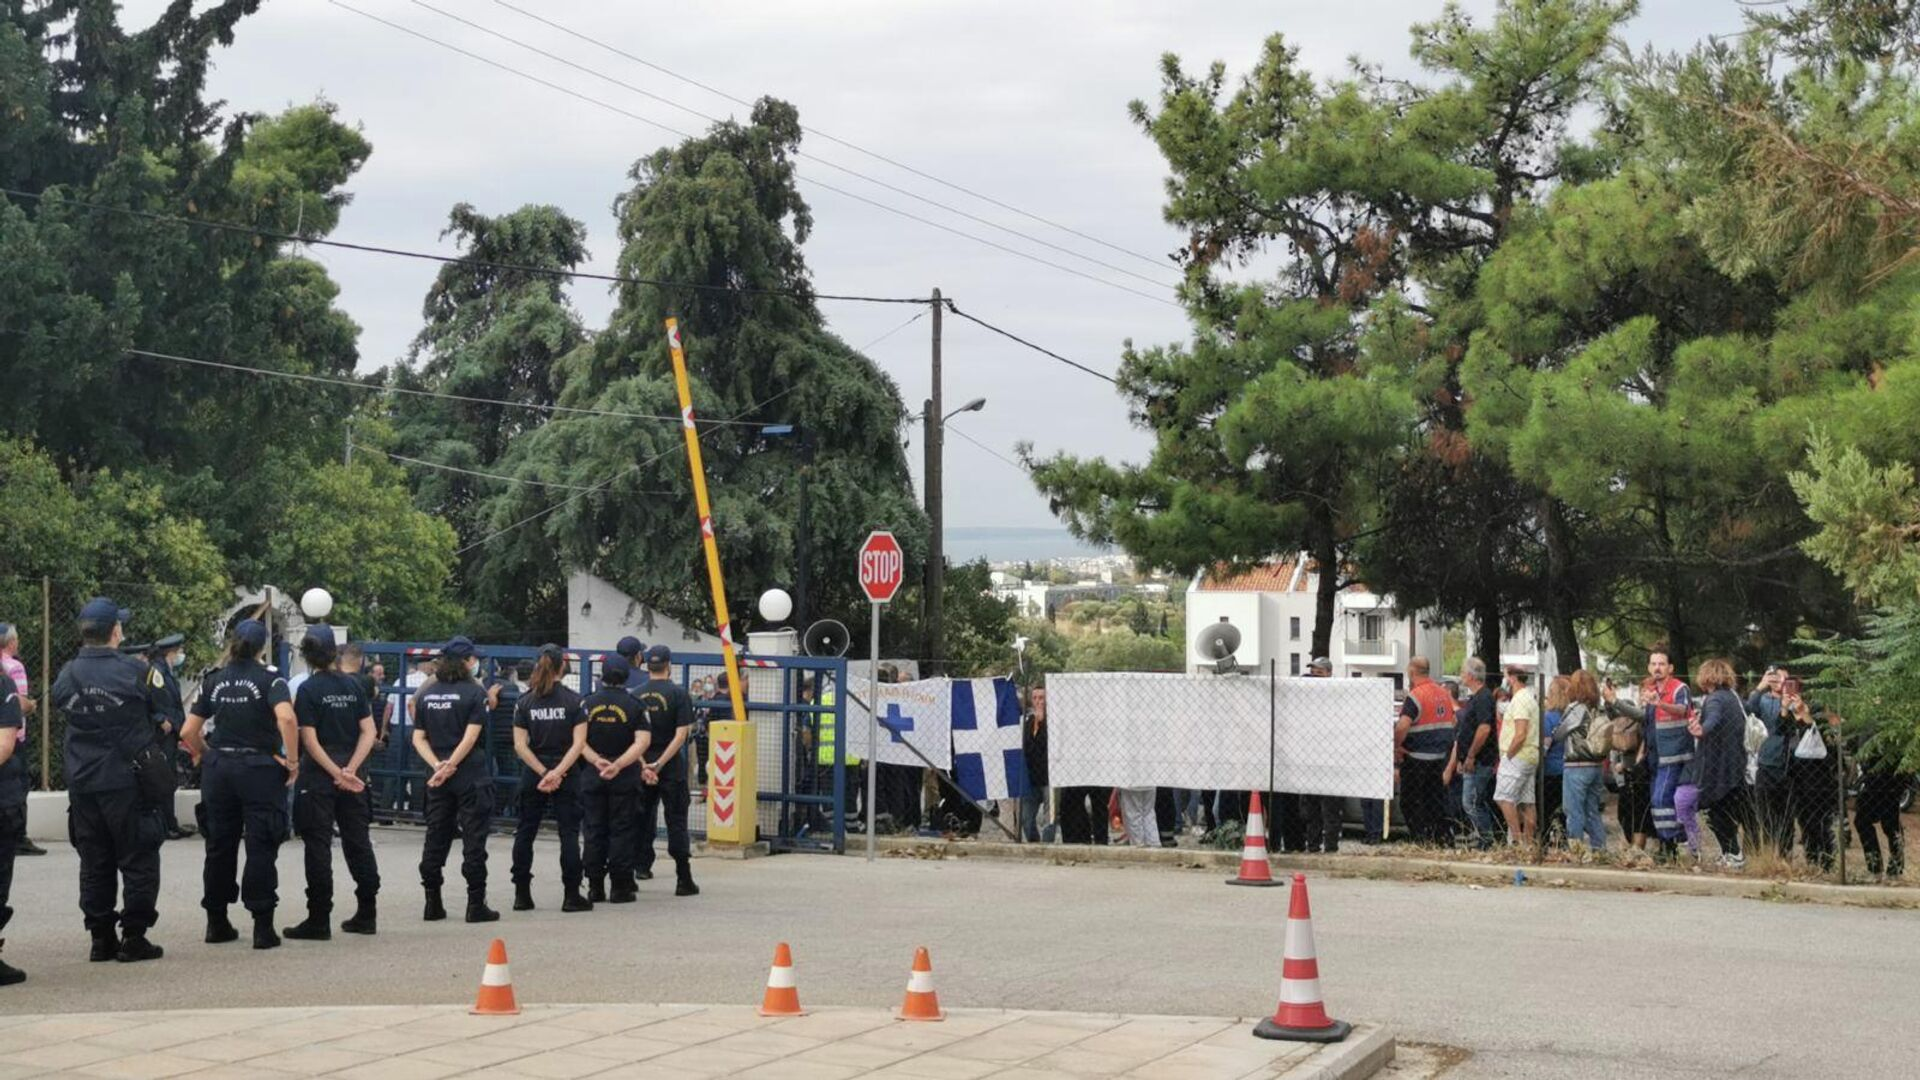 Υγειονομικοί έξω από το ΕΚΑΒ Θεσσαλονίκης κατά την άφιξη του υπουργού Υγείας, Θάνου Πλεύρη - Sputnik Ελλάδα, 1920, 22.09.2021